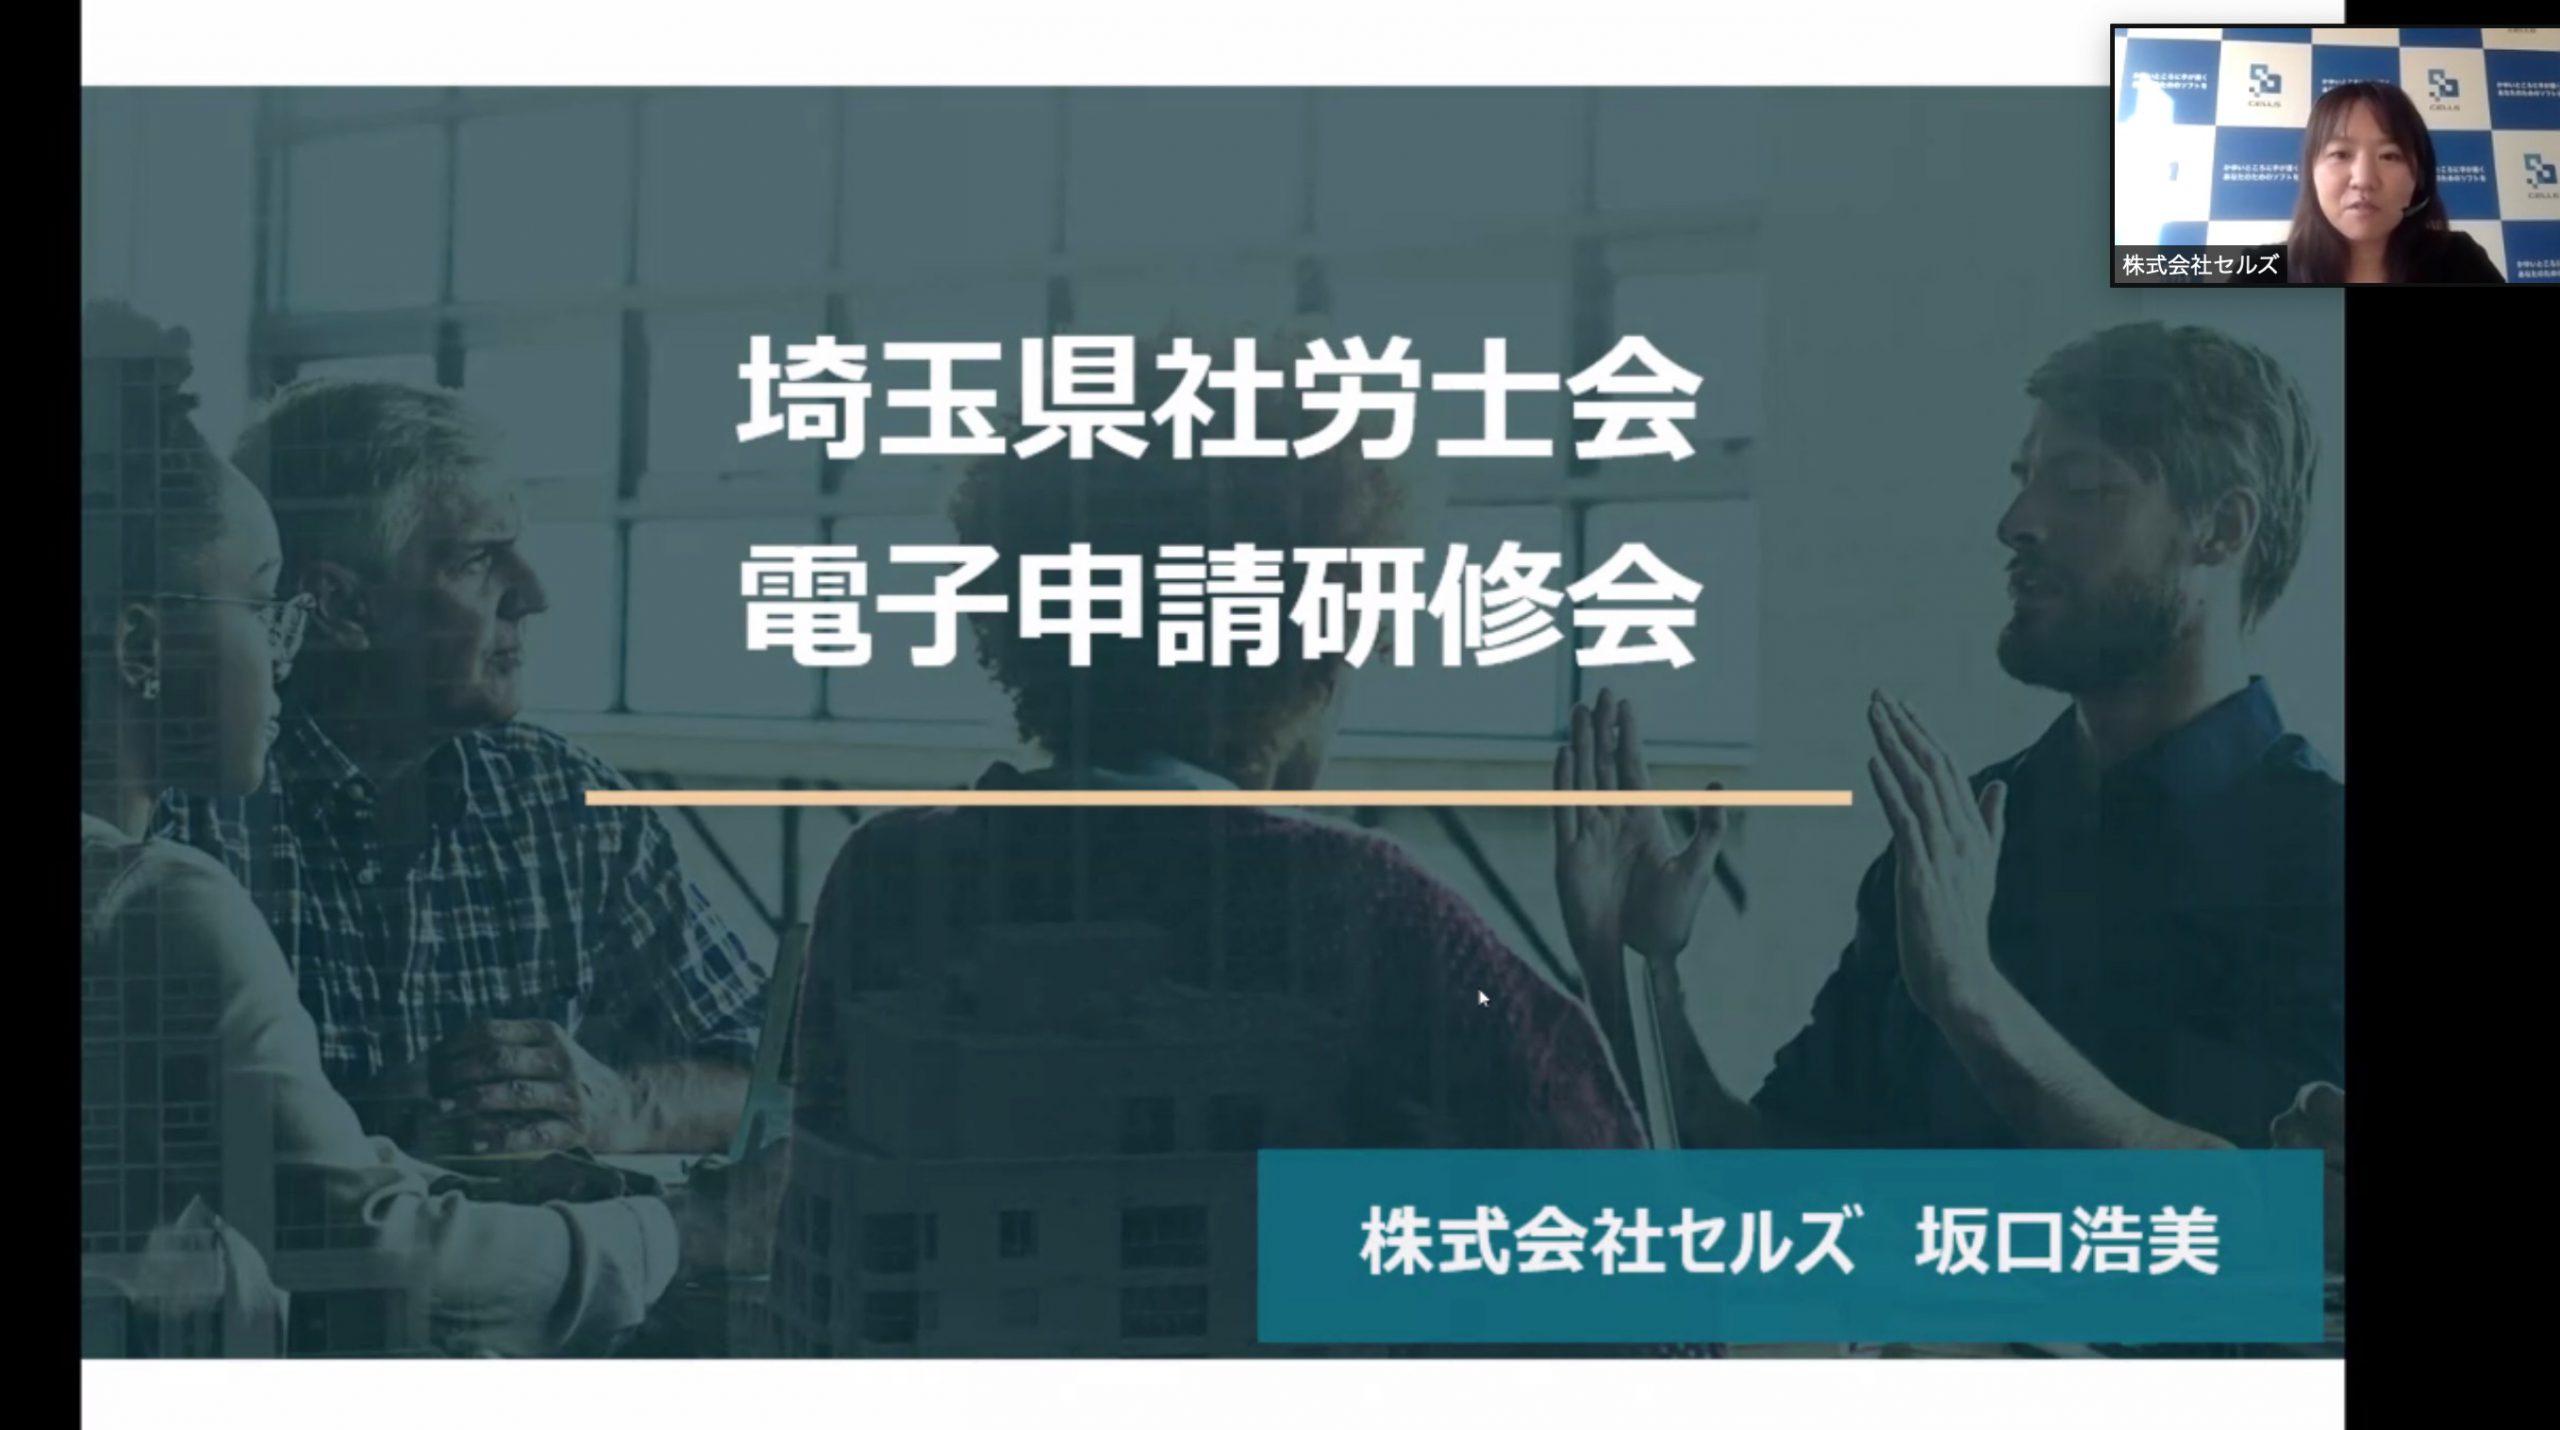 【開催報告】埼玉県会社会保険労務士会主催「電子申請業務ソフト研修会」に参加しました